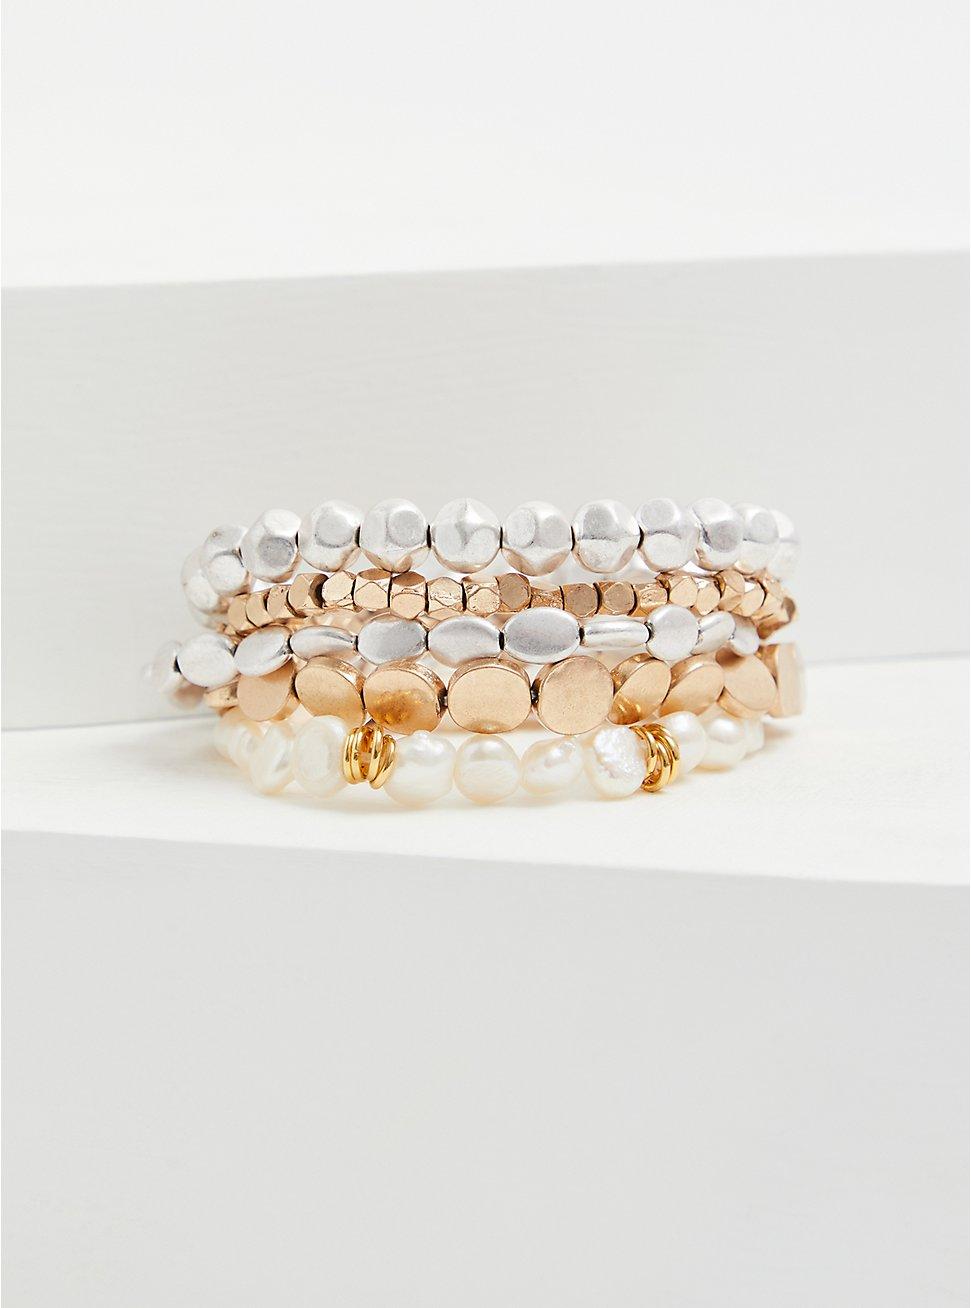 Ivory Faux Pearl Stretch Bracelet Set - Set of 5, GOLD, hi-res